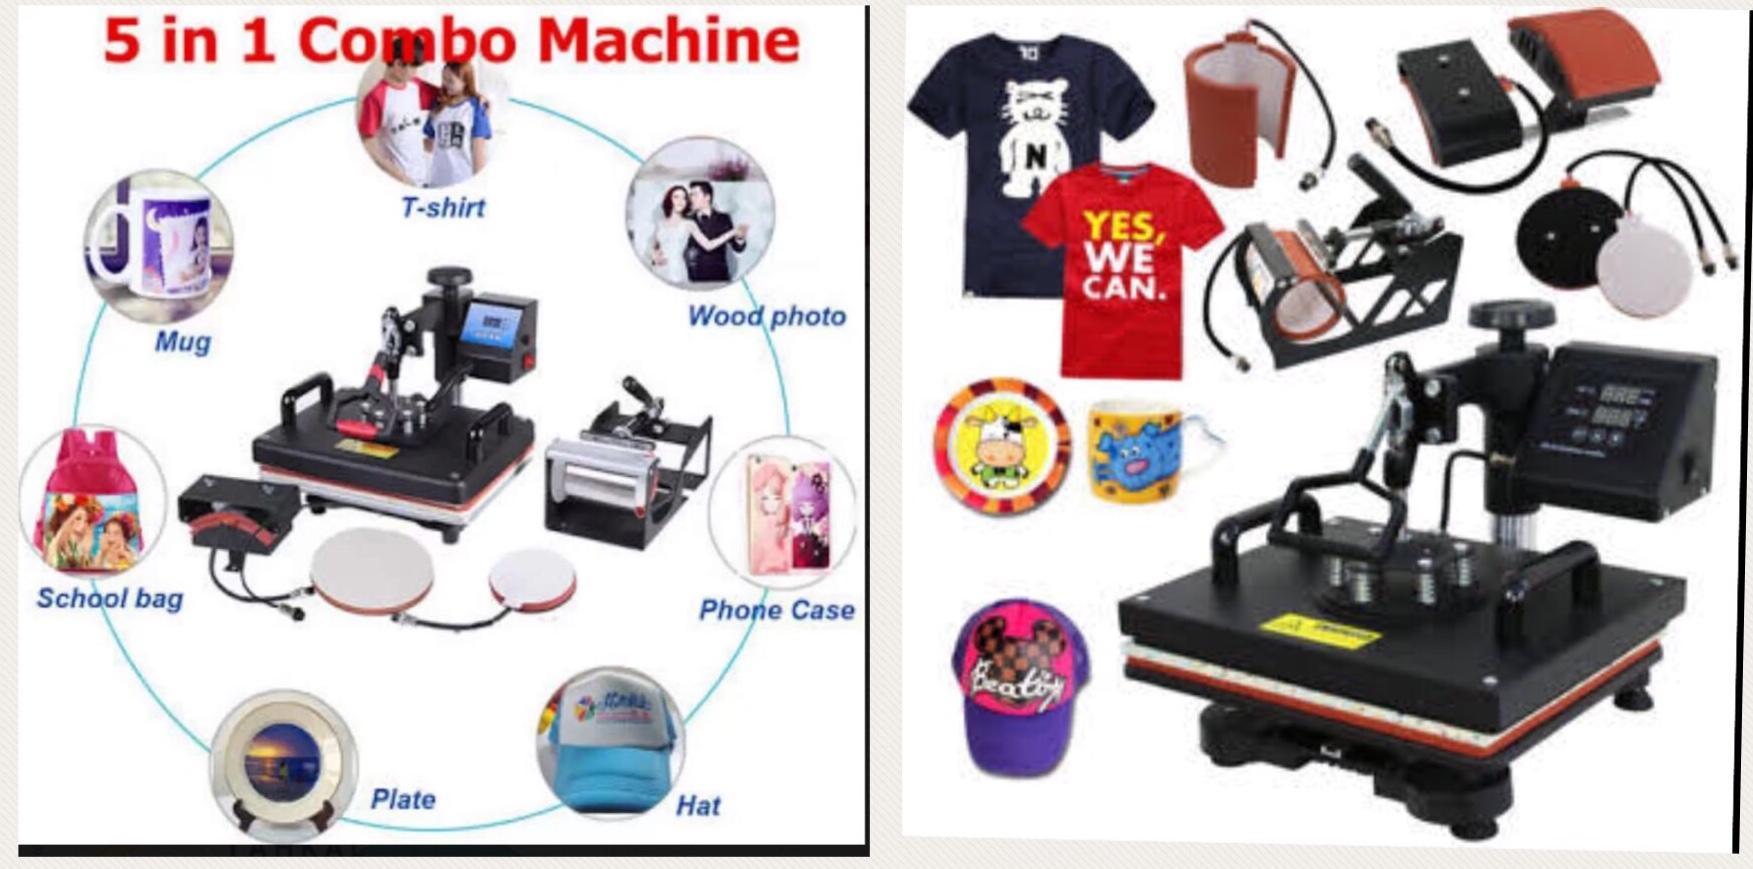 Shirt Printing Machine Price In Pakistan | Azərbaycan Dillər